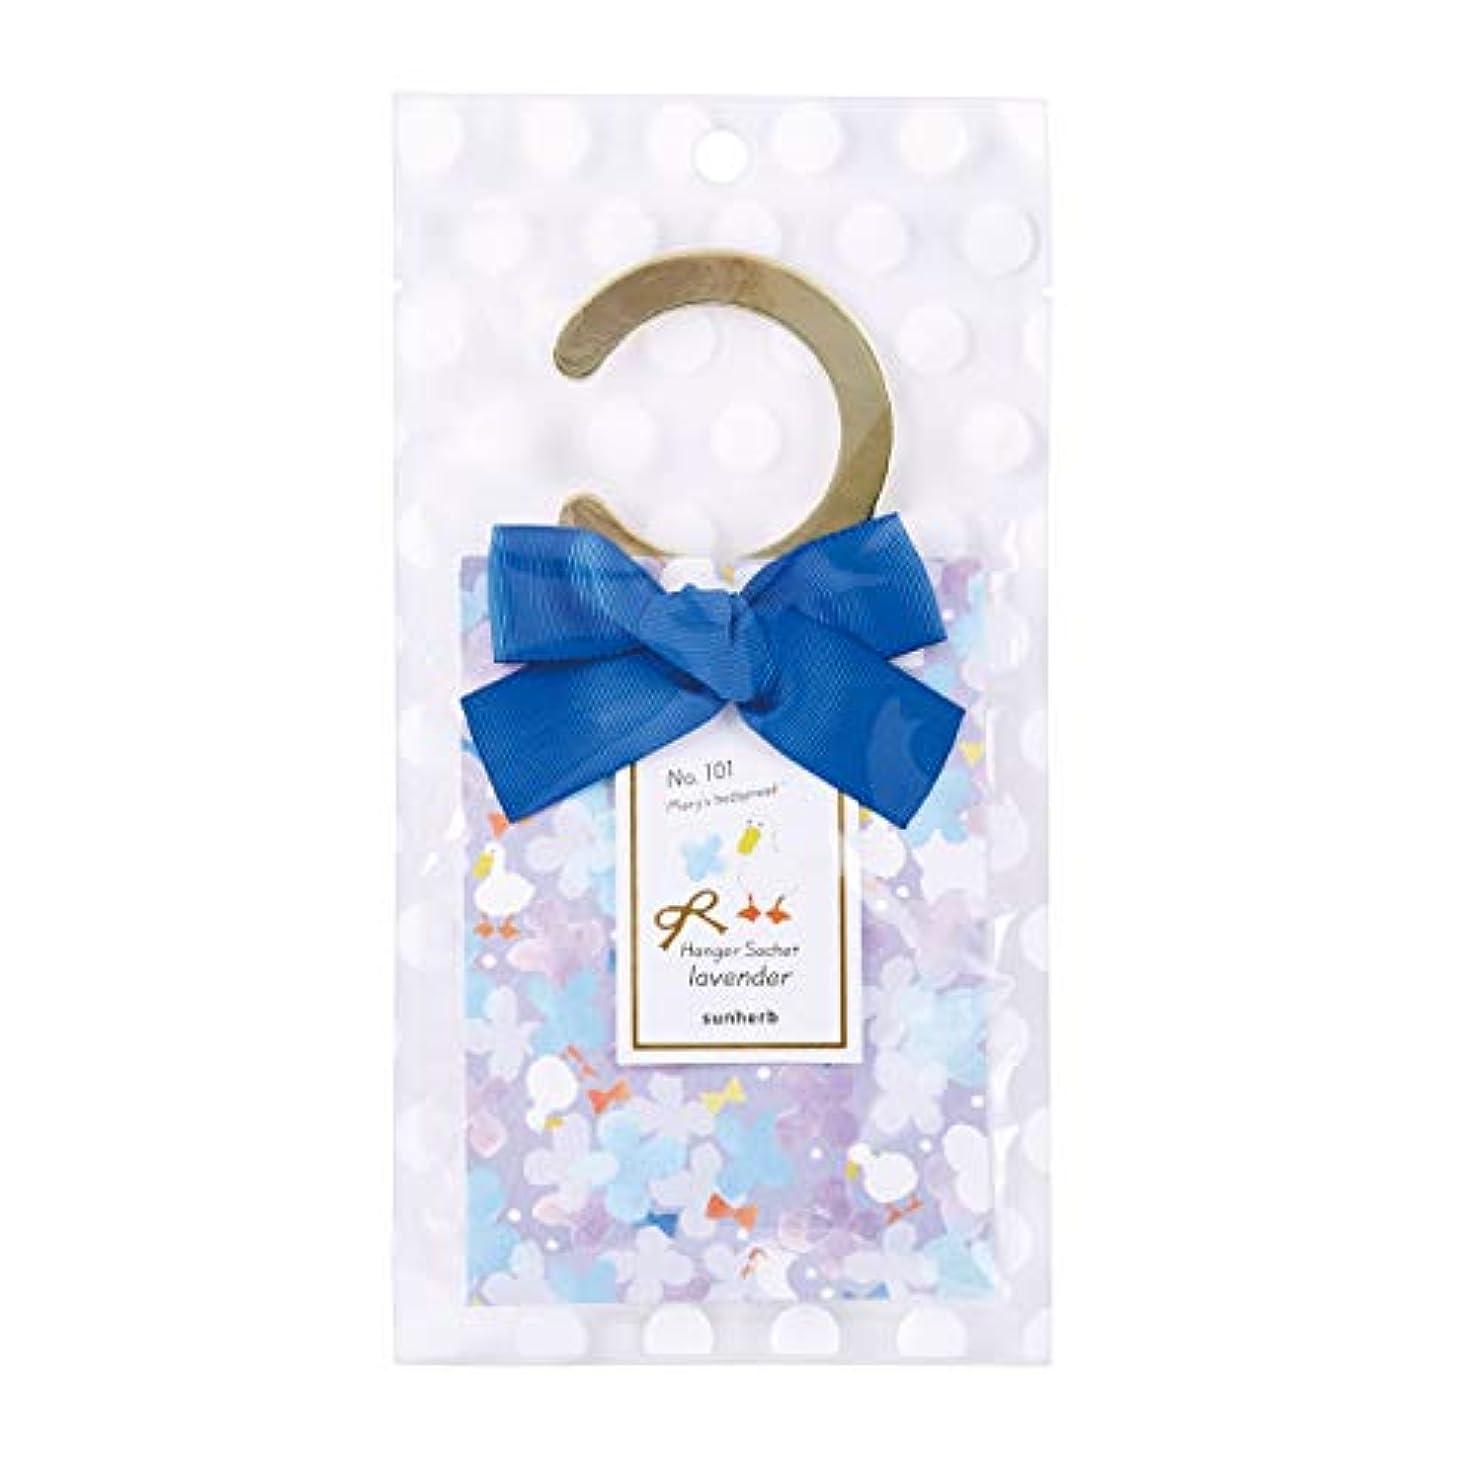 起点かごペックサンハーブ ハンガーサシェ ラベンダーの香り (吊り下げ芳香剤 アヒルが描かれたラベンダー色のデザイン)